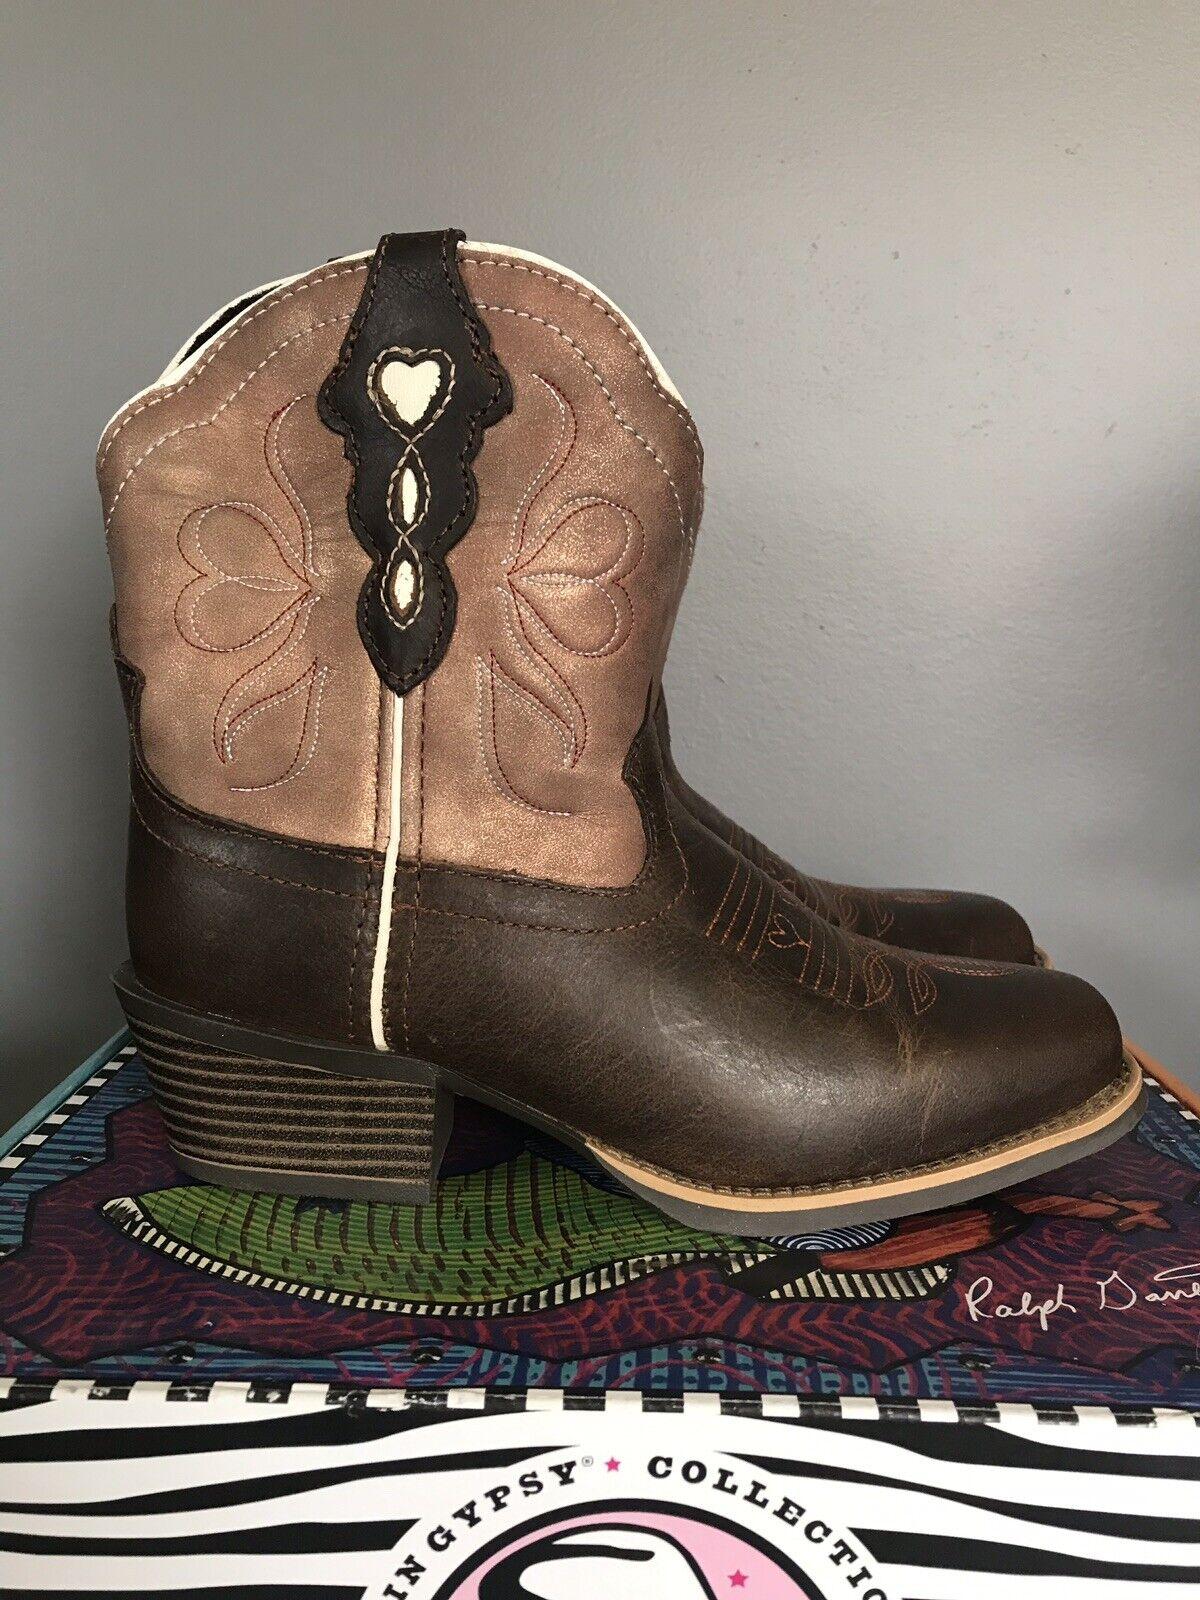 Justin gitano dedo del pie cuadrado de 7  De Cobre Chocolate Buffalo botas de vaquero L9511 Mujer 6.5